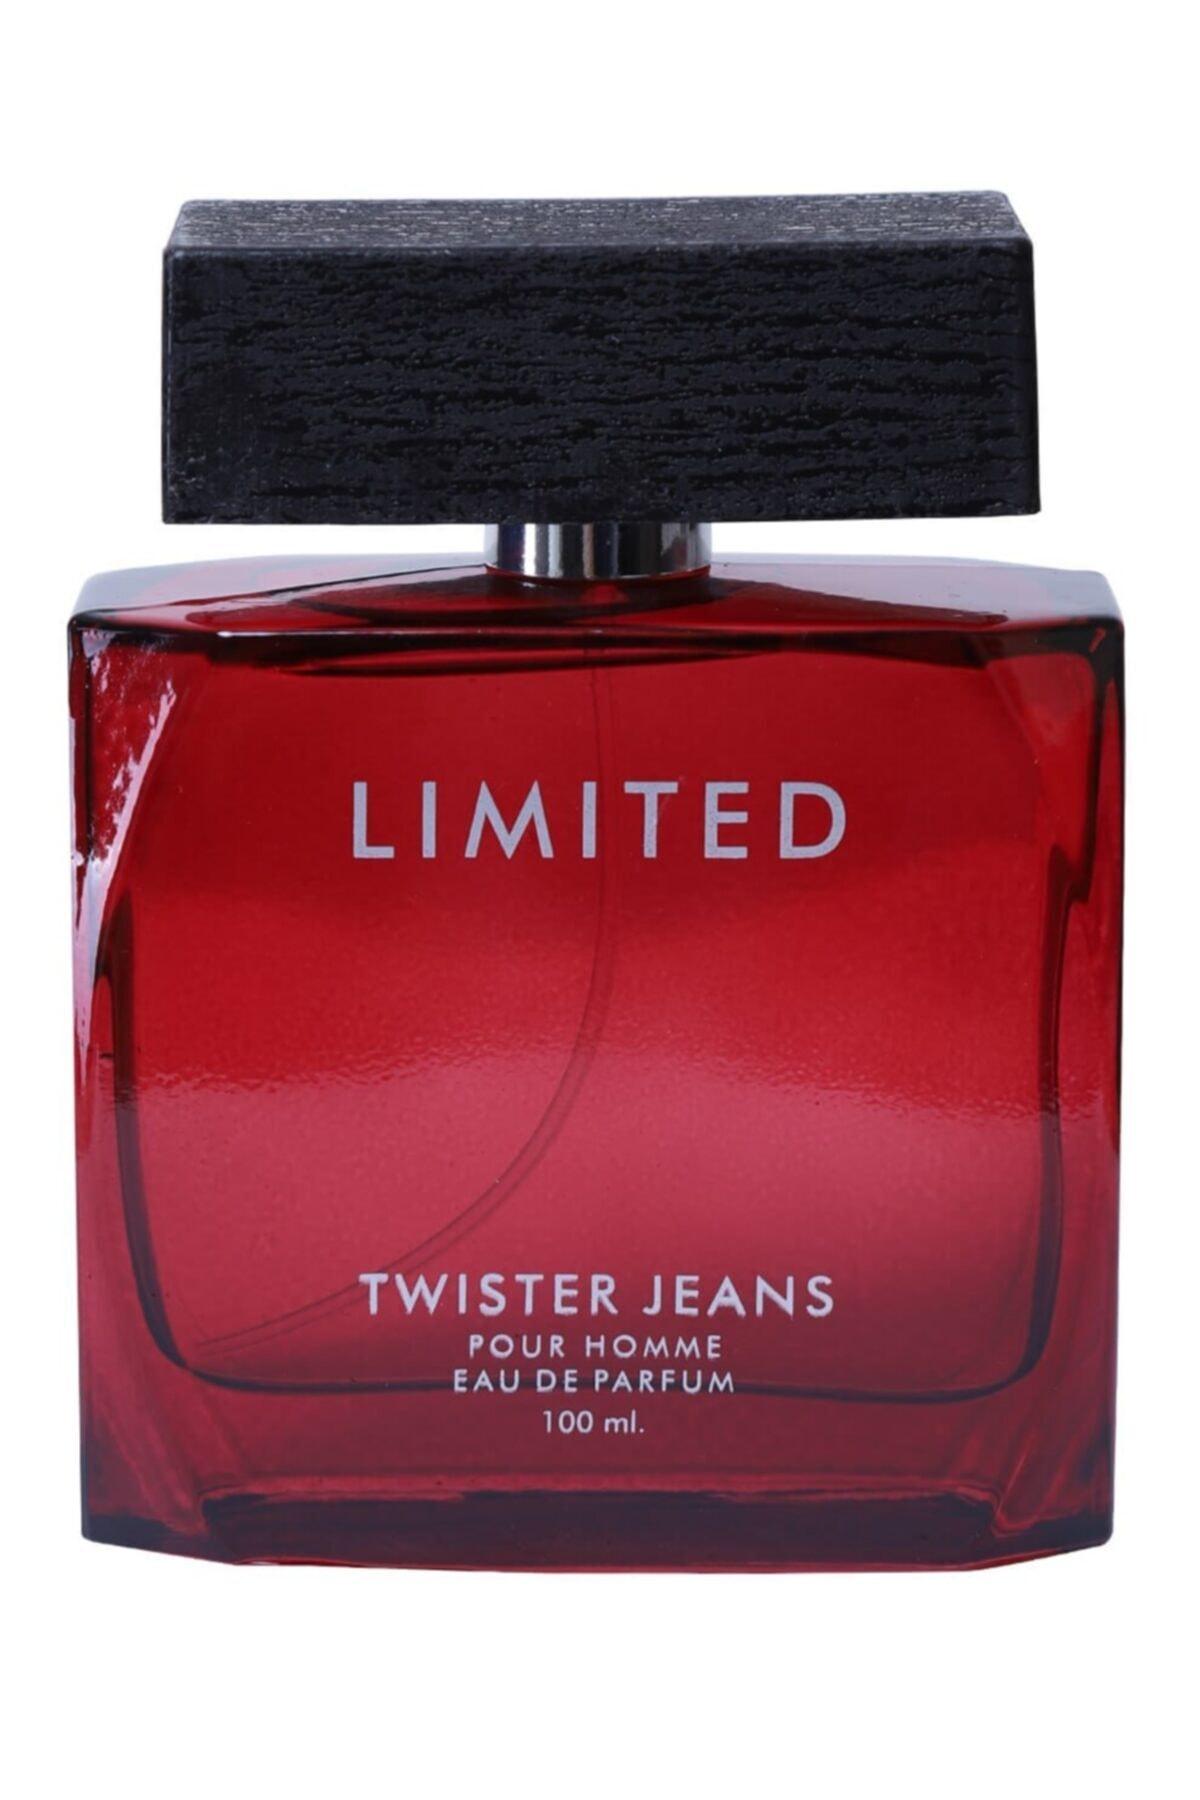 Twister Jeans Erkek Lımıted Parfüm 100 Cc Bordo 1